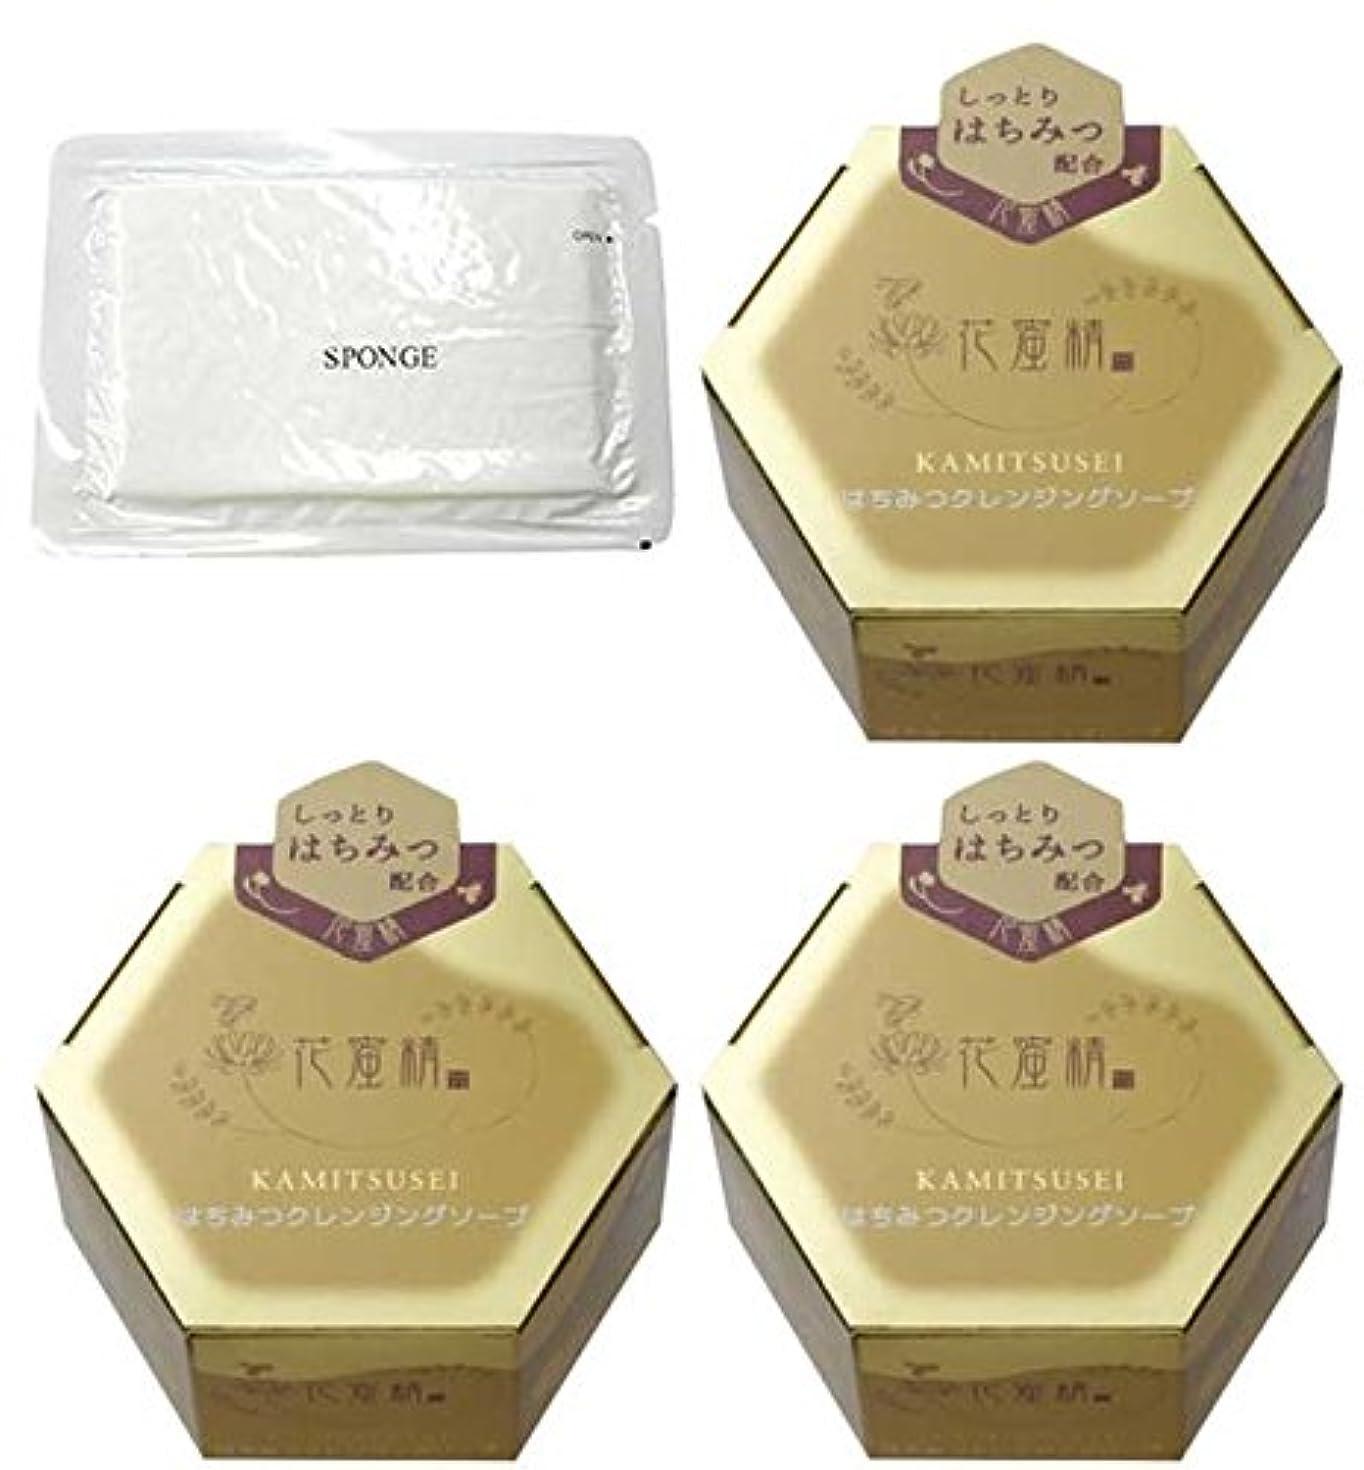 ミリメートル評決体花蜜精 はちみつクレンジングソープ 85g 3個 + 圧縮スポンジセット